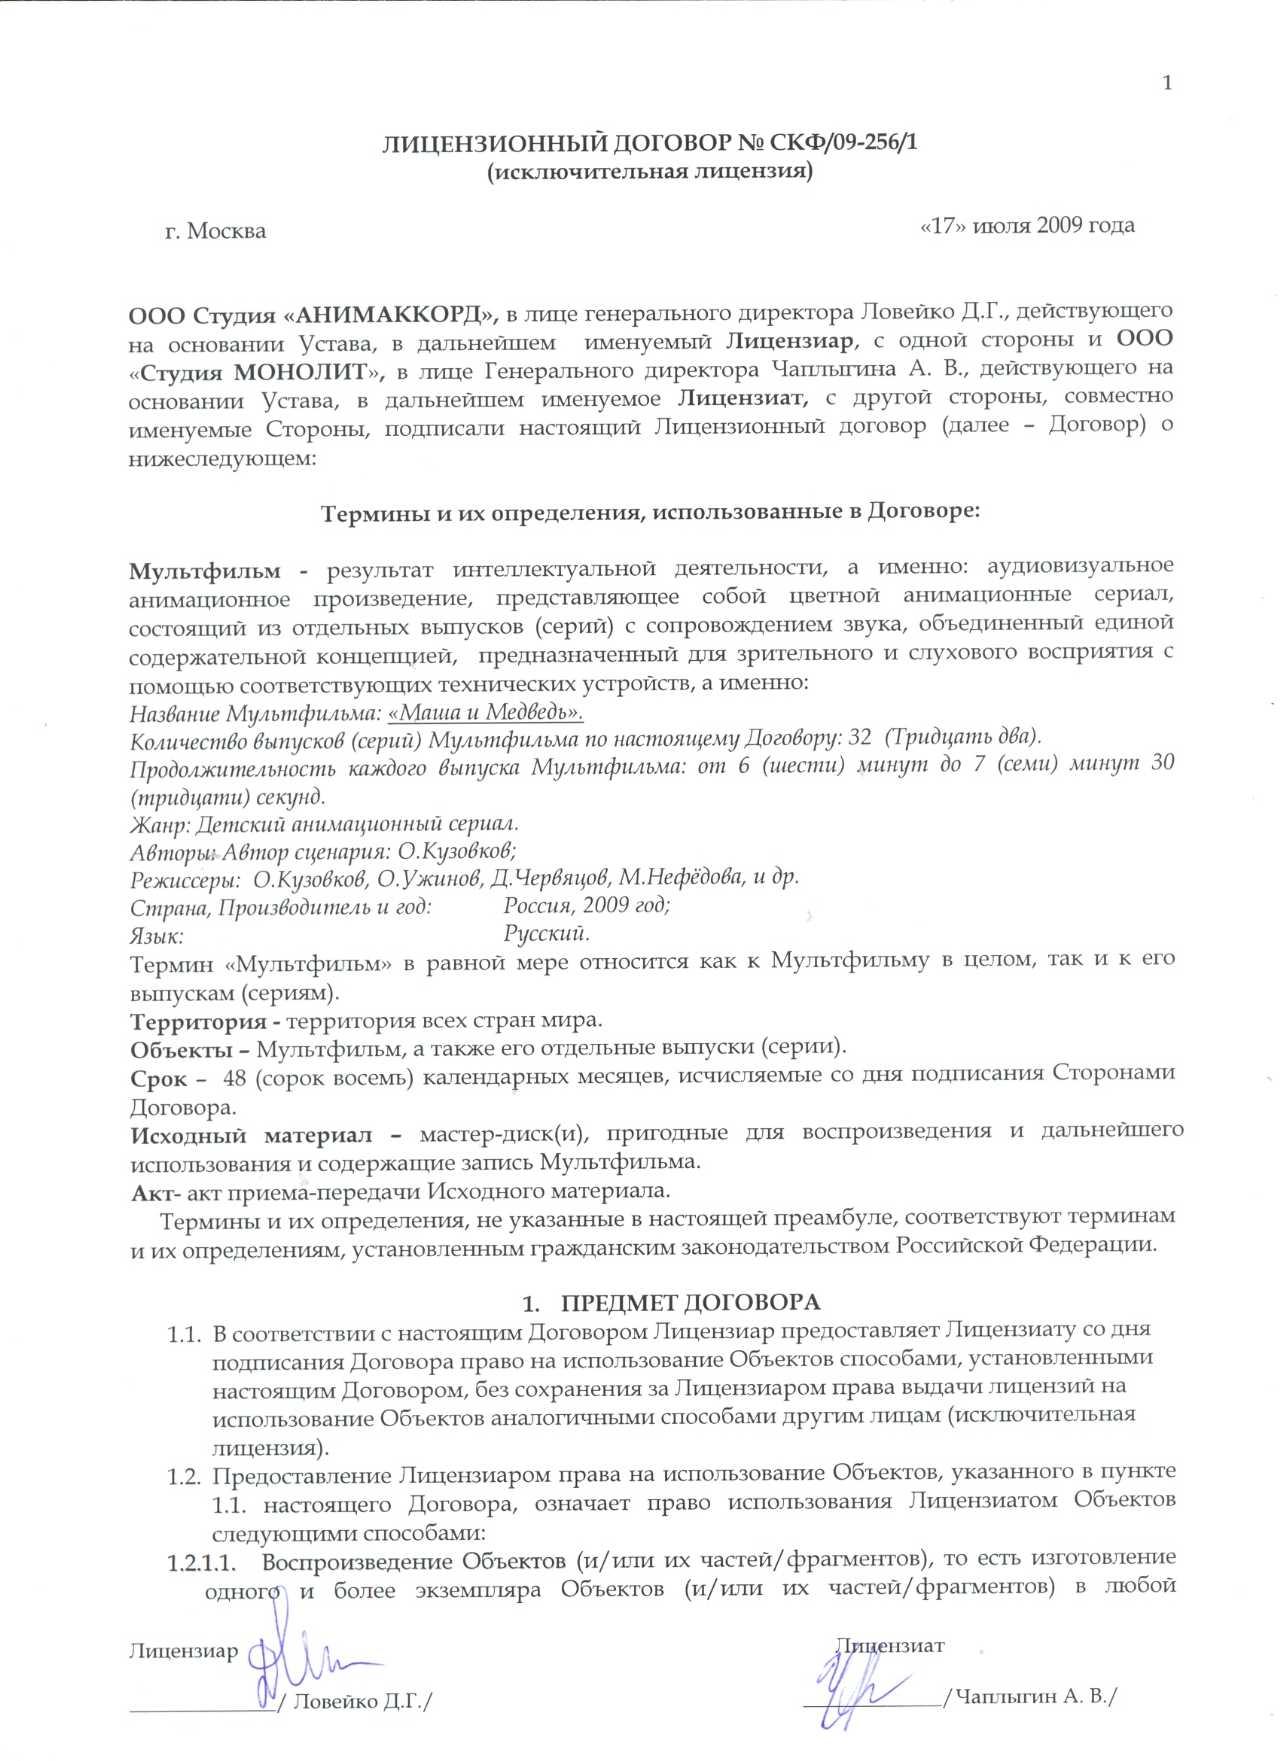 образец лицензионного договора стр.1